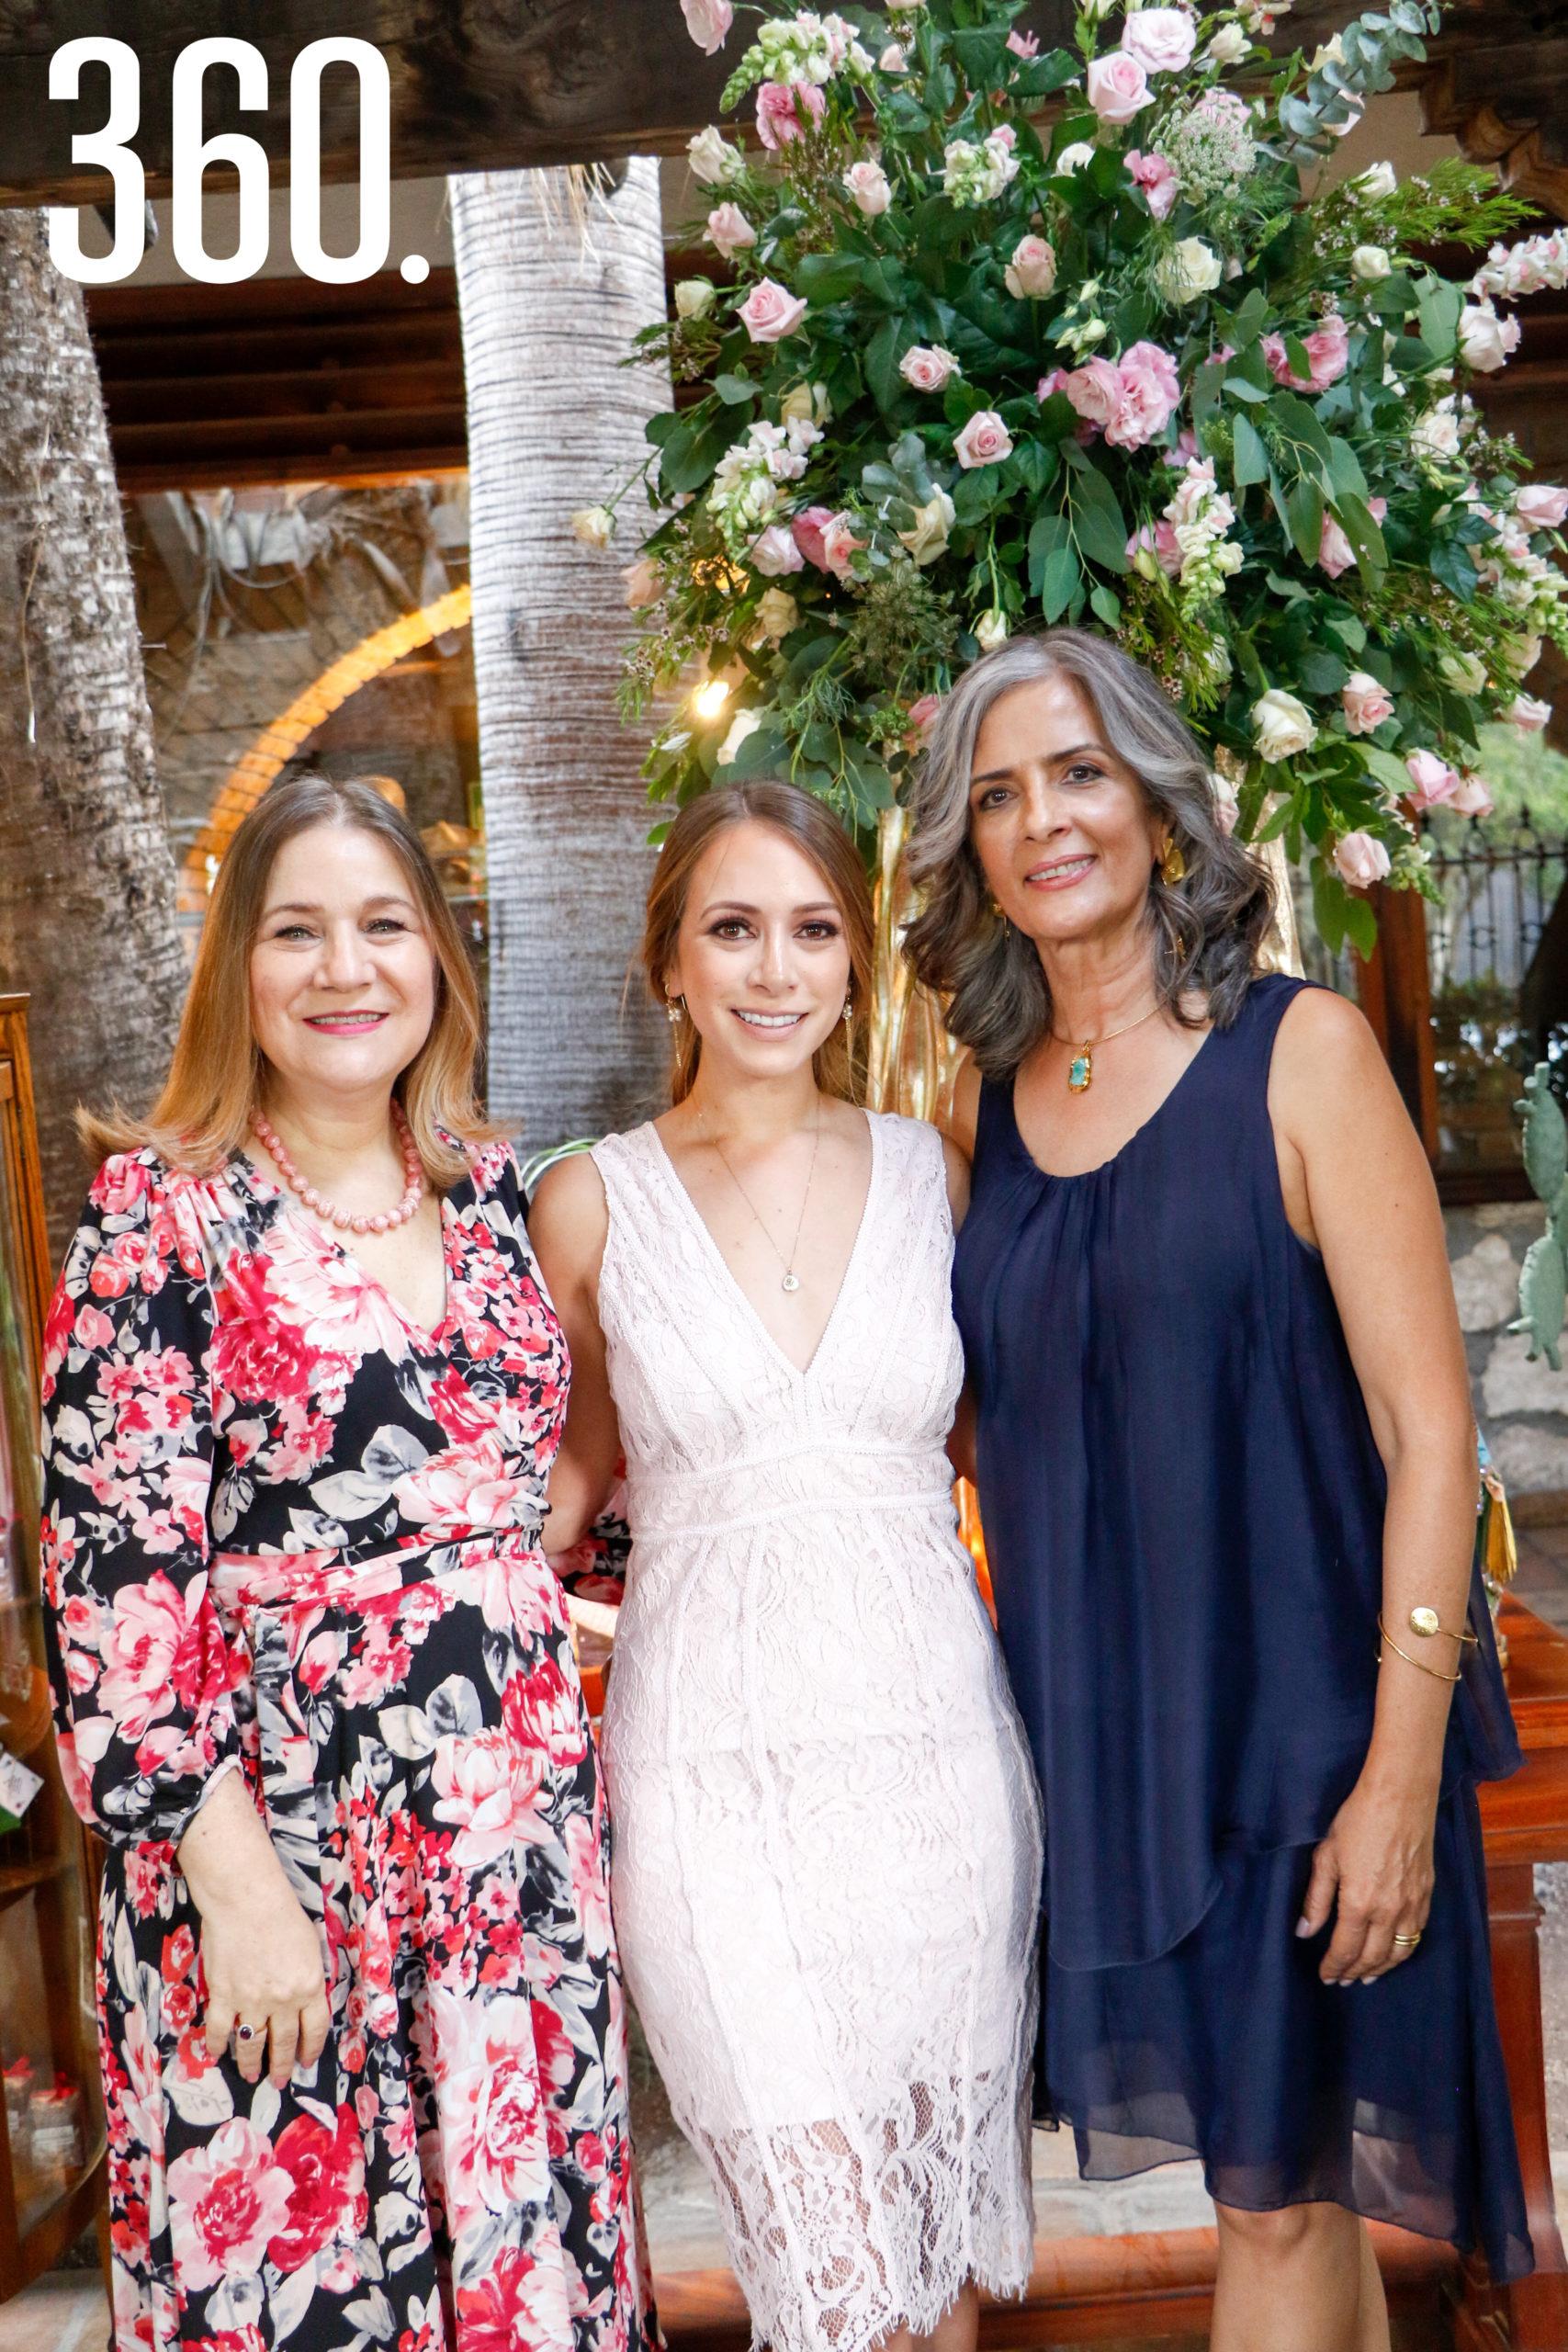 Alina con su madre y su suegra, Hilda Richer de Castillo y Cilia Concha de Prado.